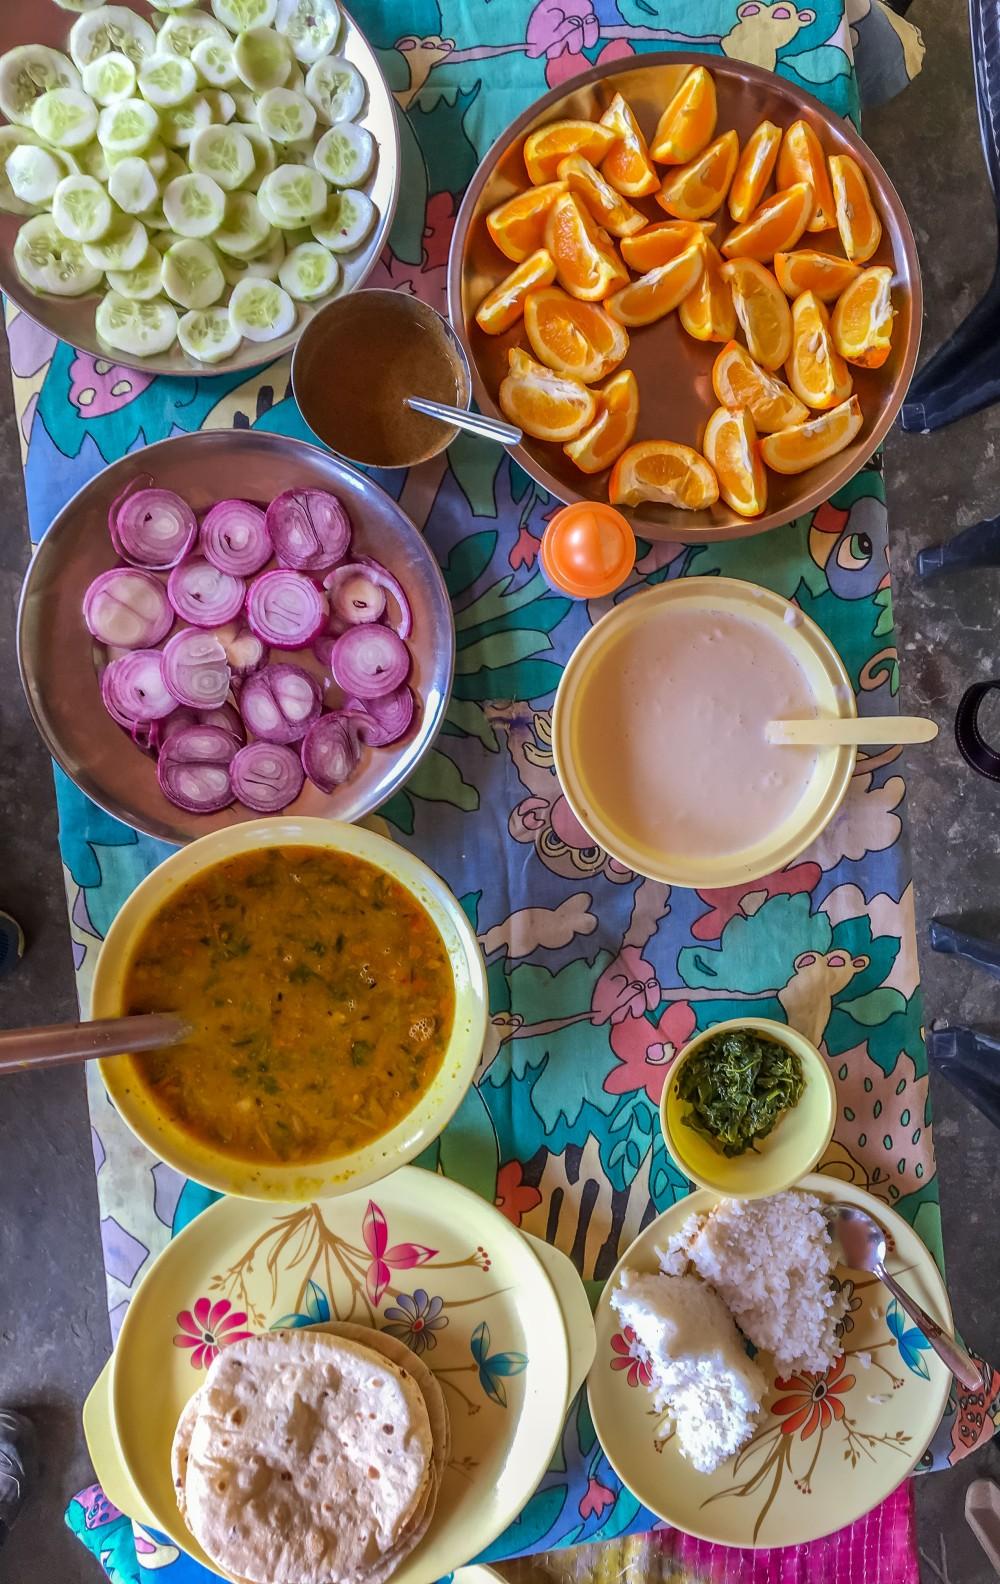 Garhwal Food